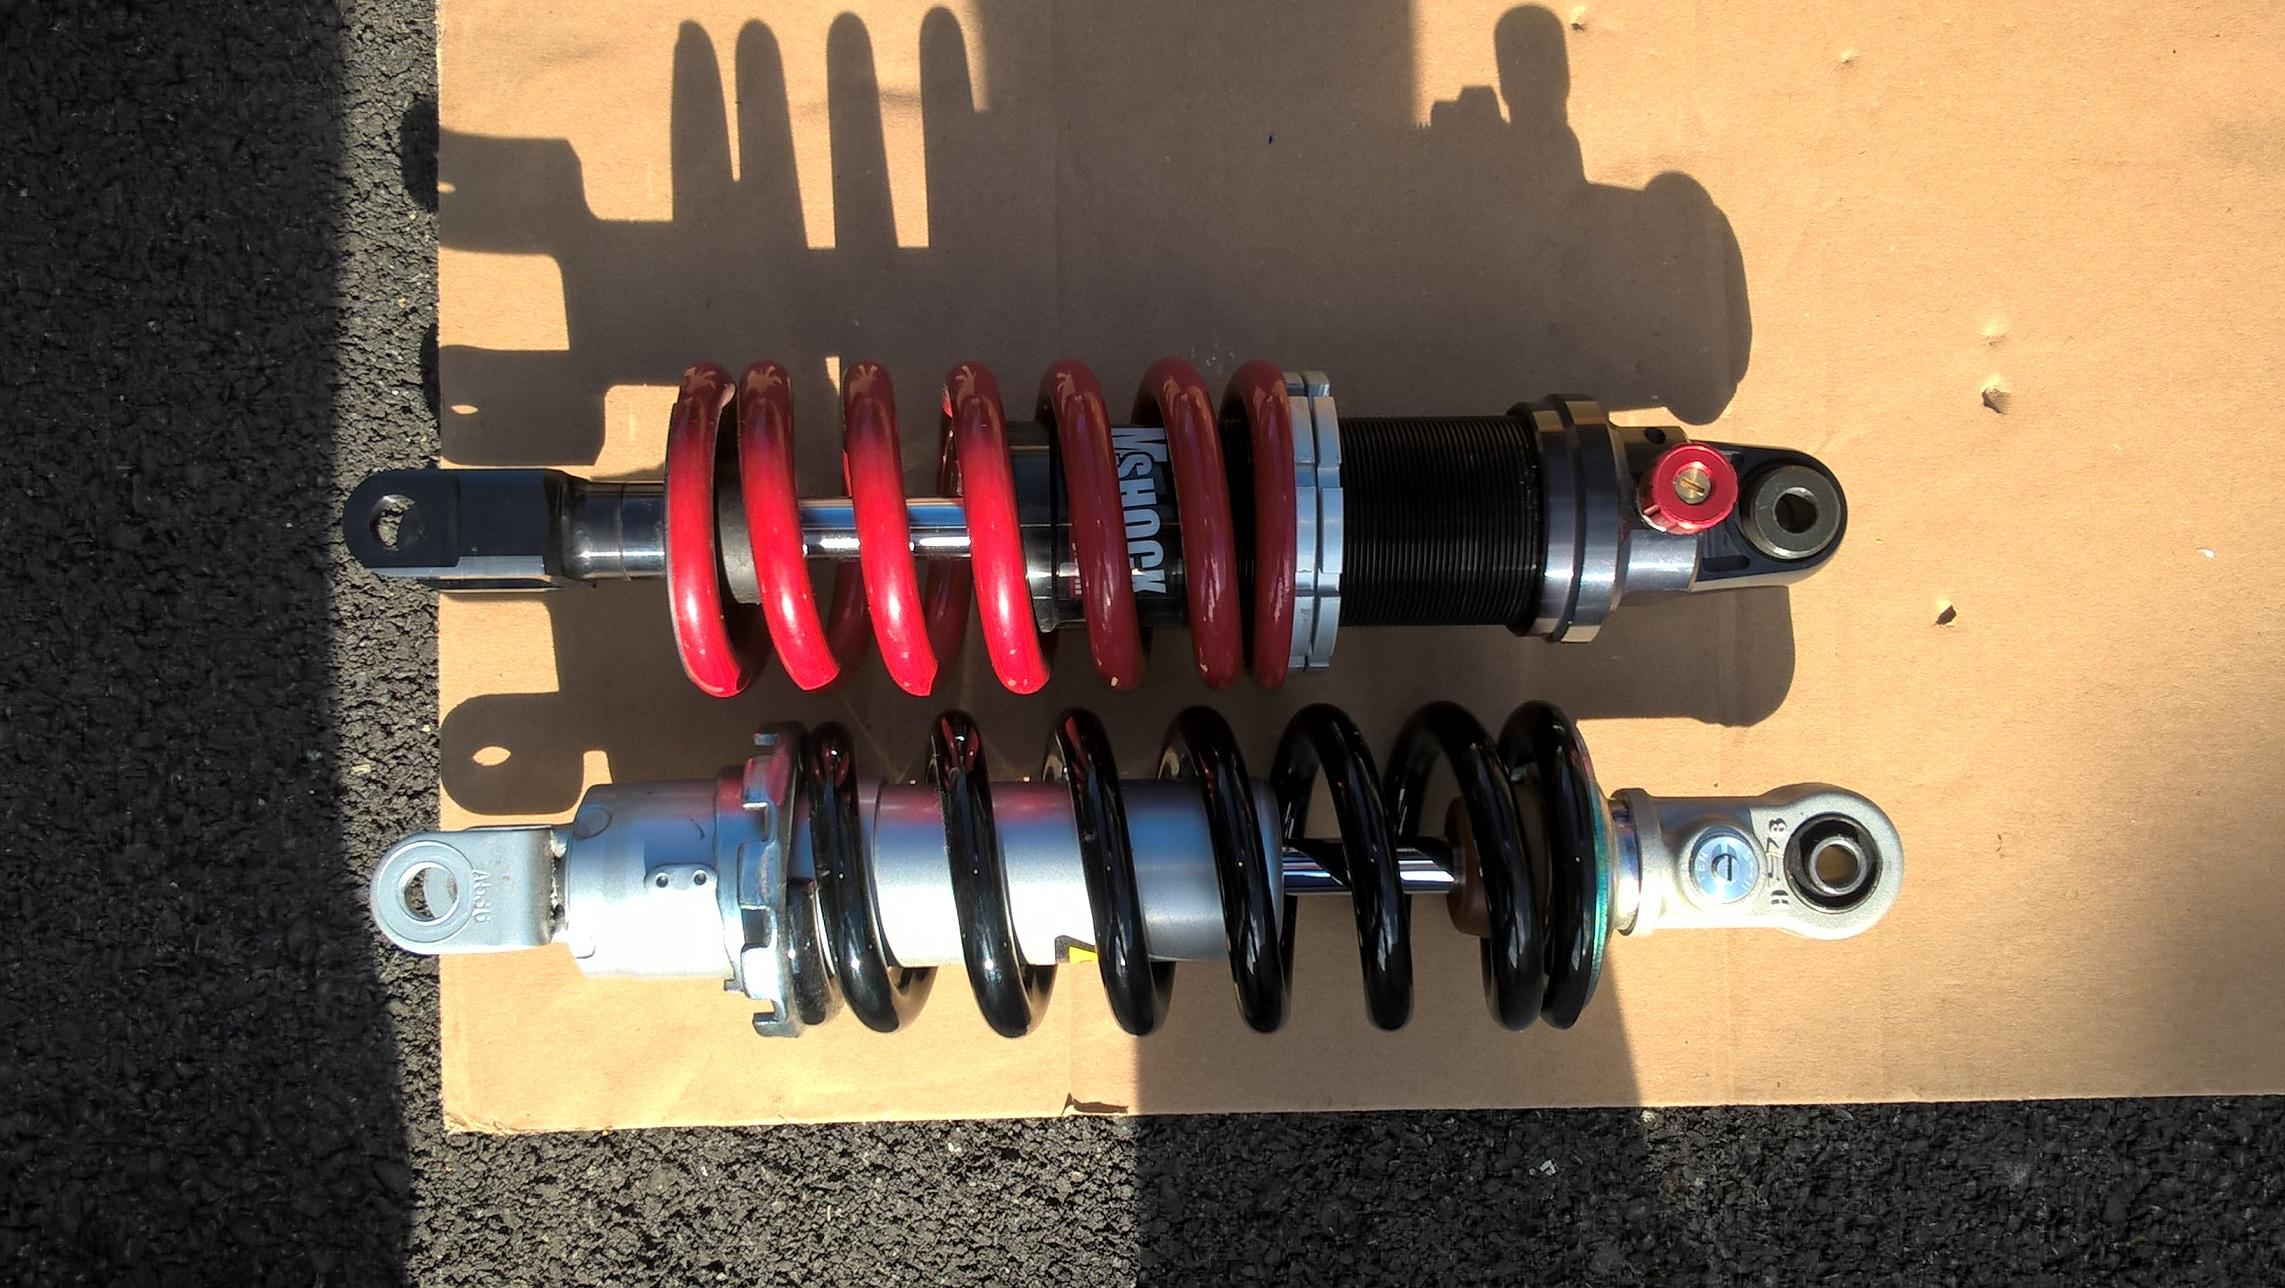 Pack suspensions M-SHOCK 1 de chez UL'TEAM BIKE pour Tracer - Page 5 193711WP20161020144353Pro